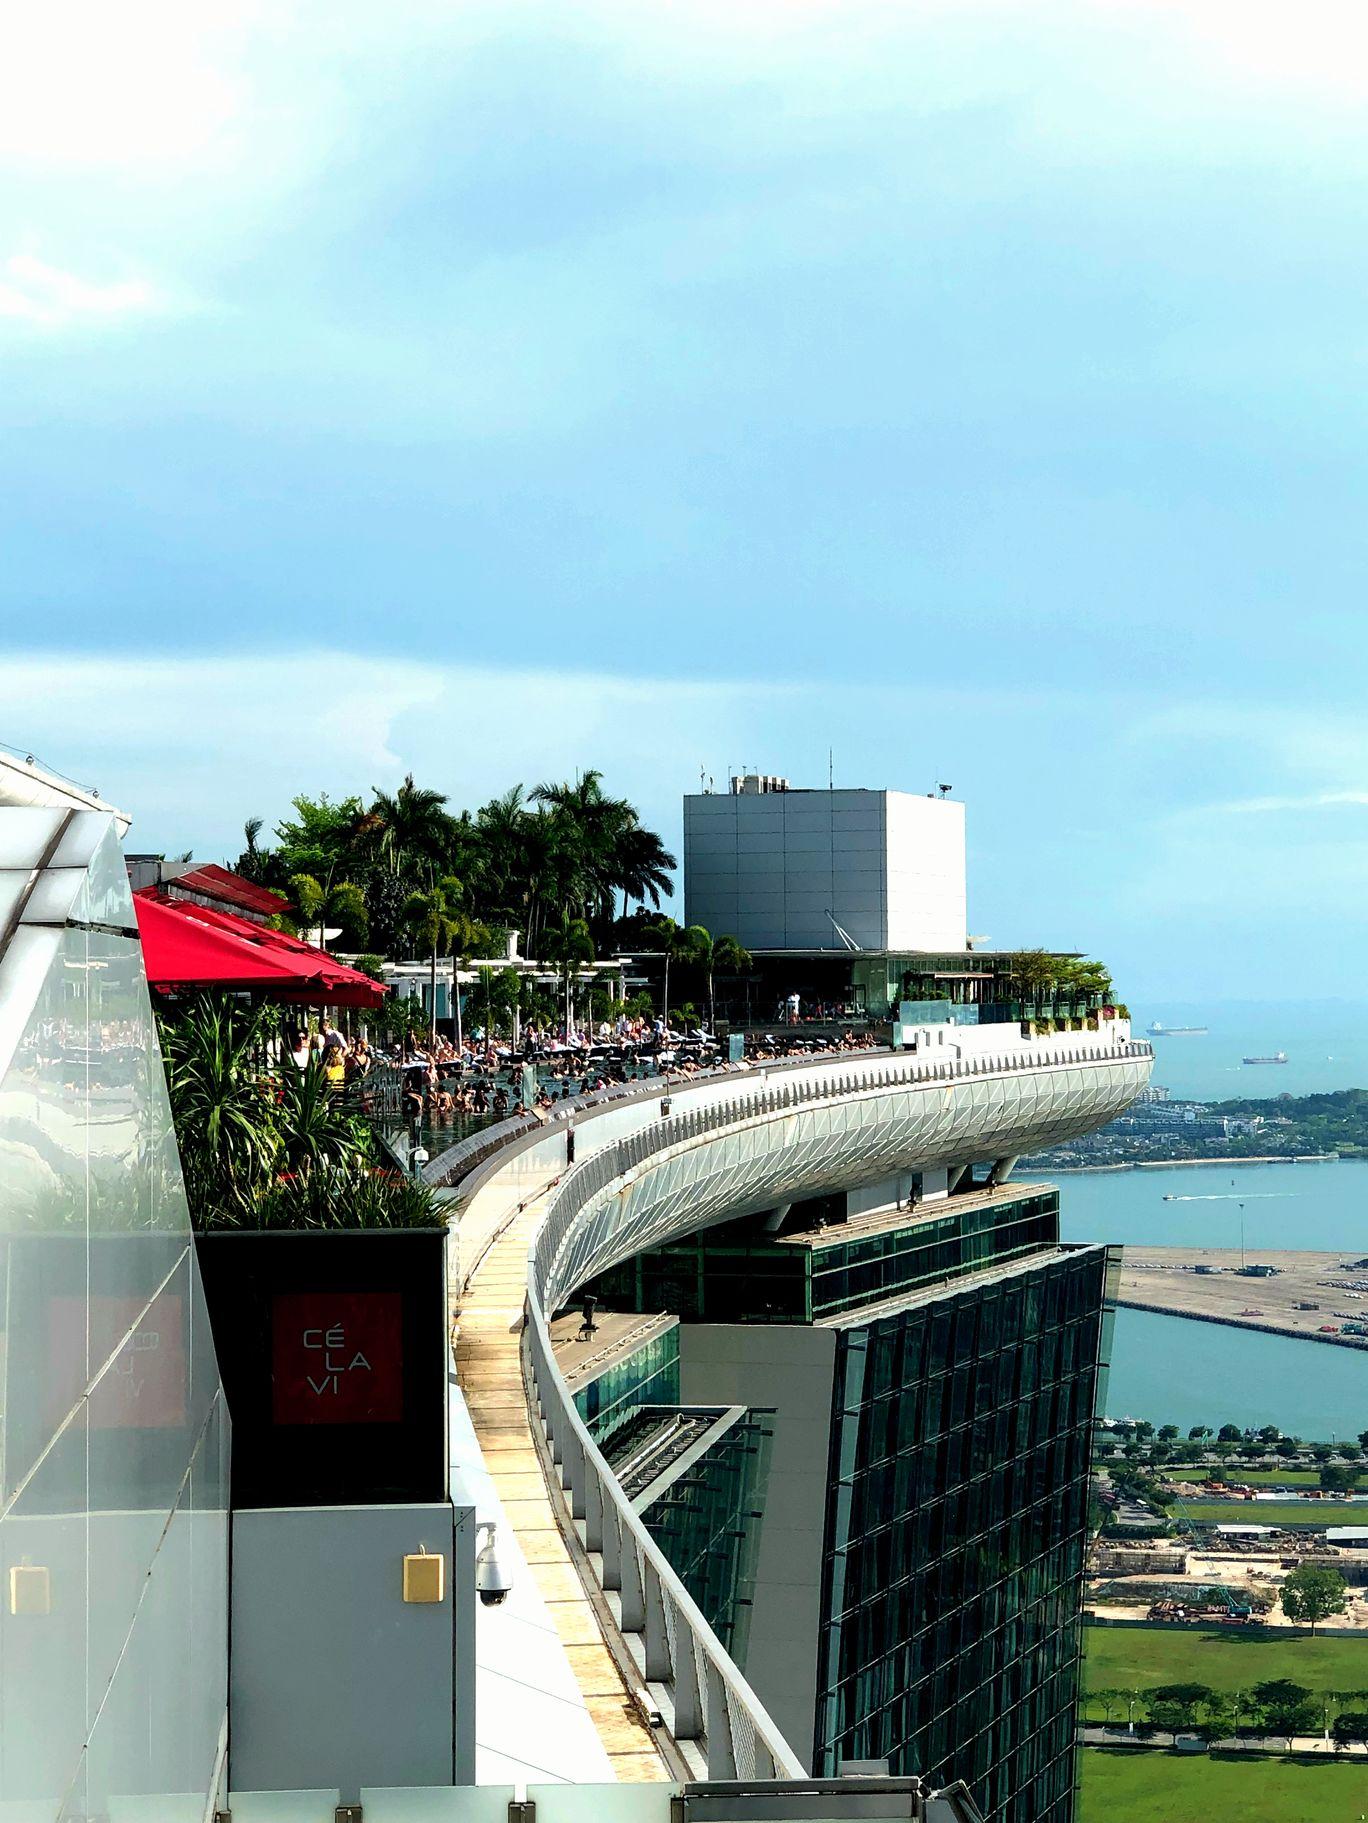 Photo of Singapore By Divyangna (Nomadic_Missy)